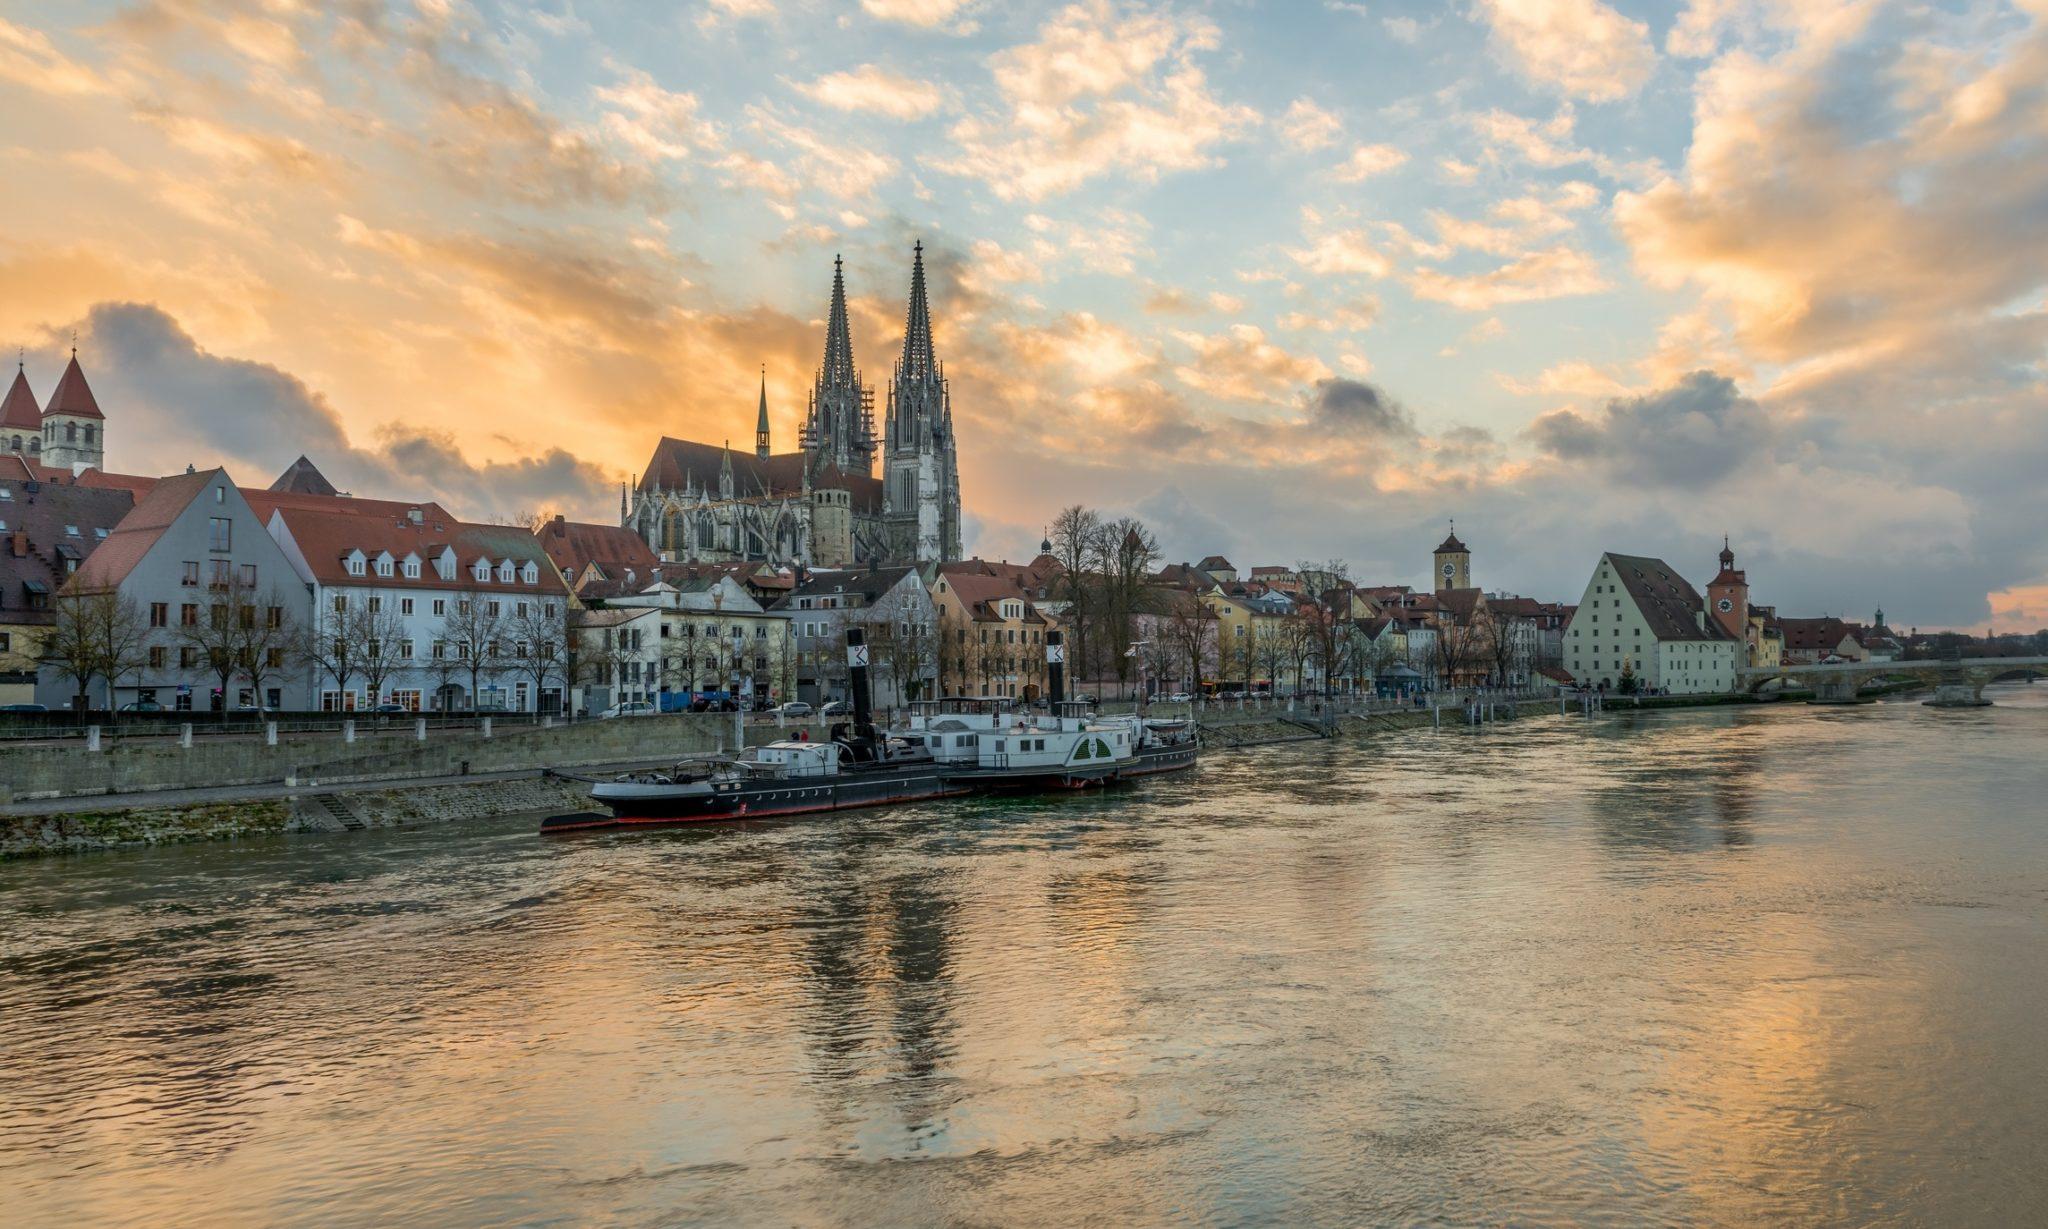 Haushaltsauflösung und Entrümpelung in Regensburg